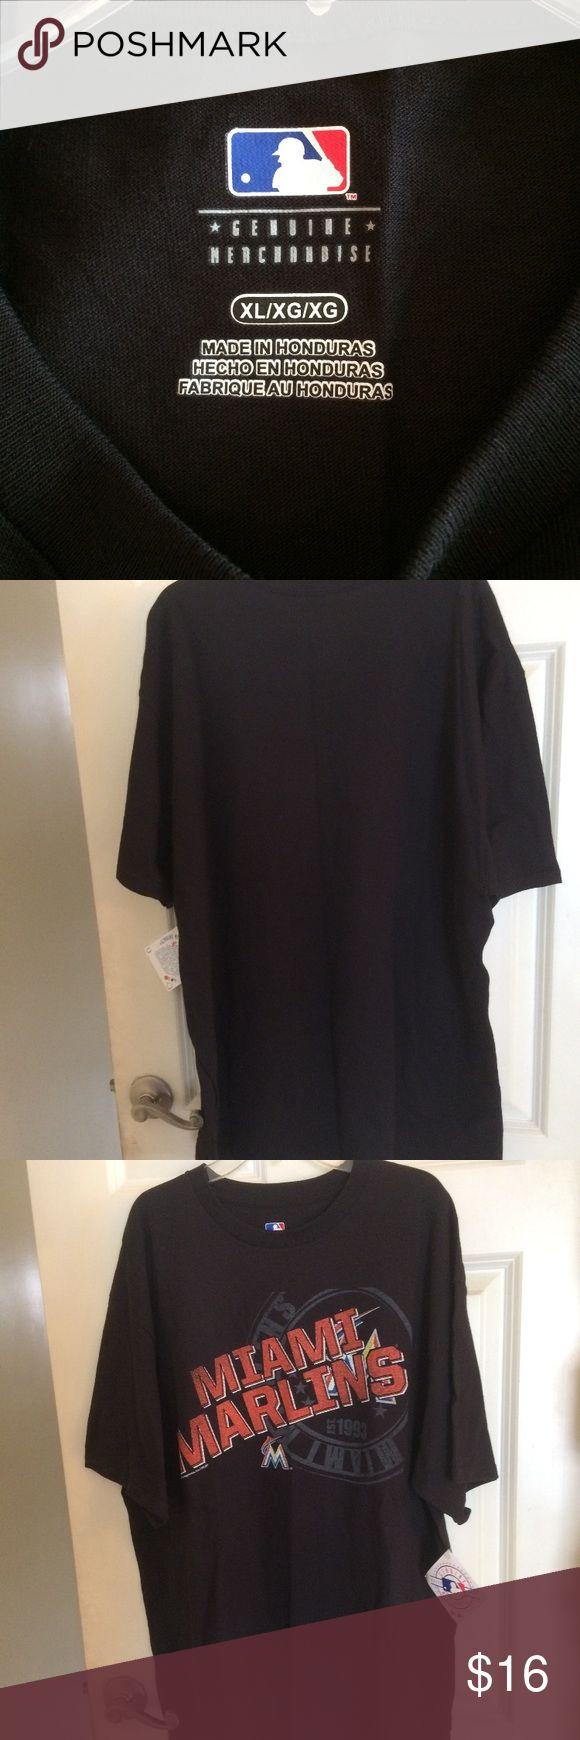 Miami marlins baseball tee shirt Miami marlins baseball tee shirt XL NWT 100%cotton Shirts Tees - Short Sleeve